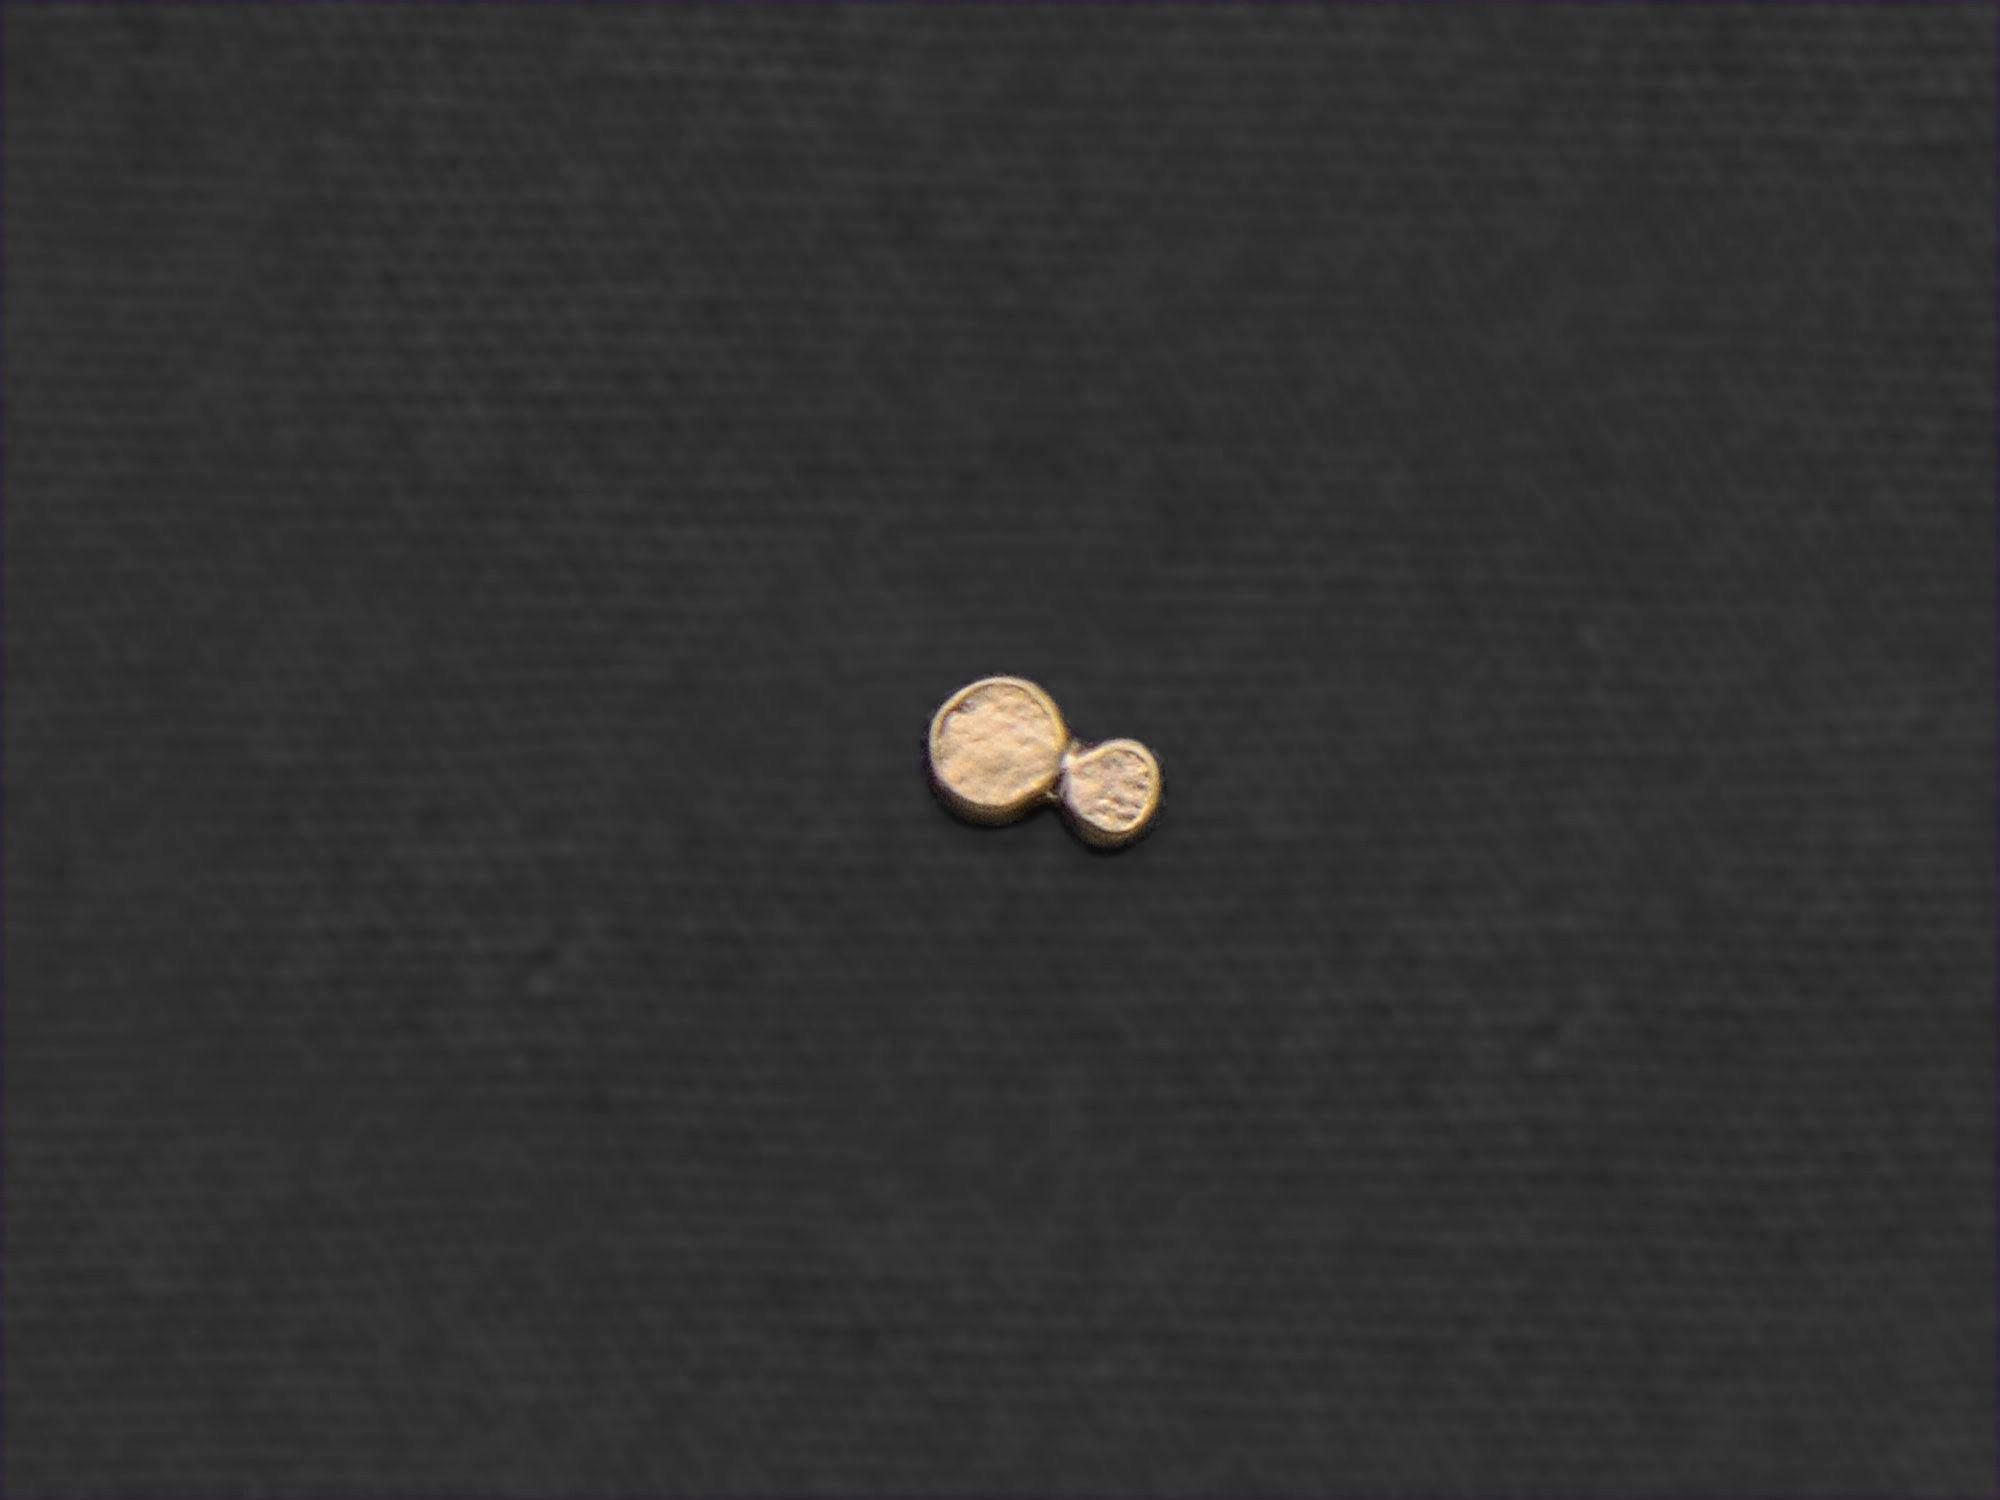 Bubbles mini stud earring by Emmanuelle Zysman